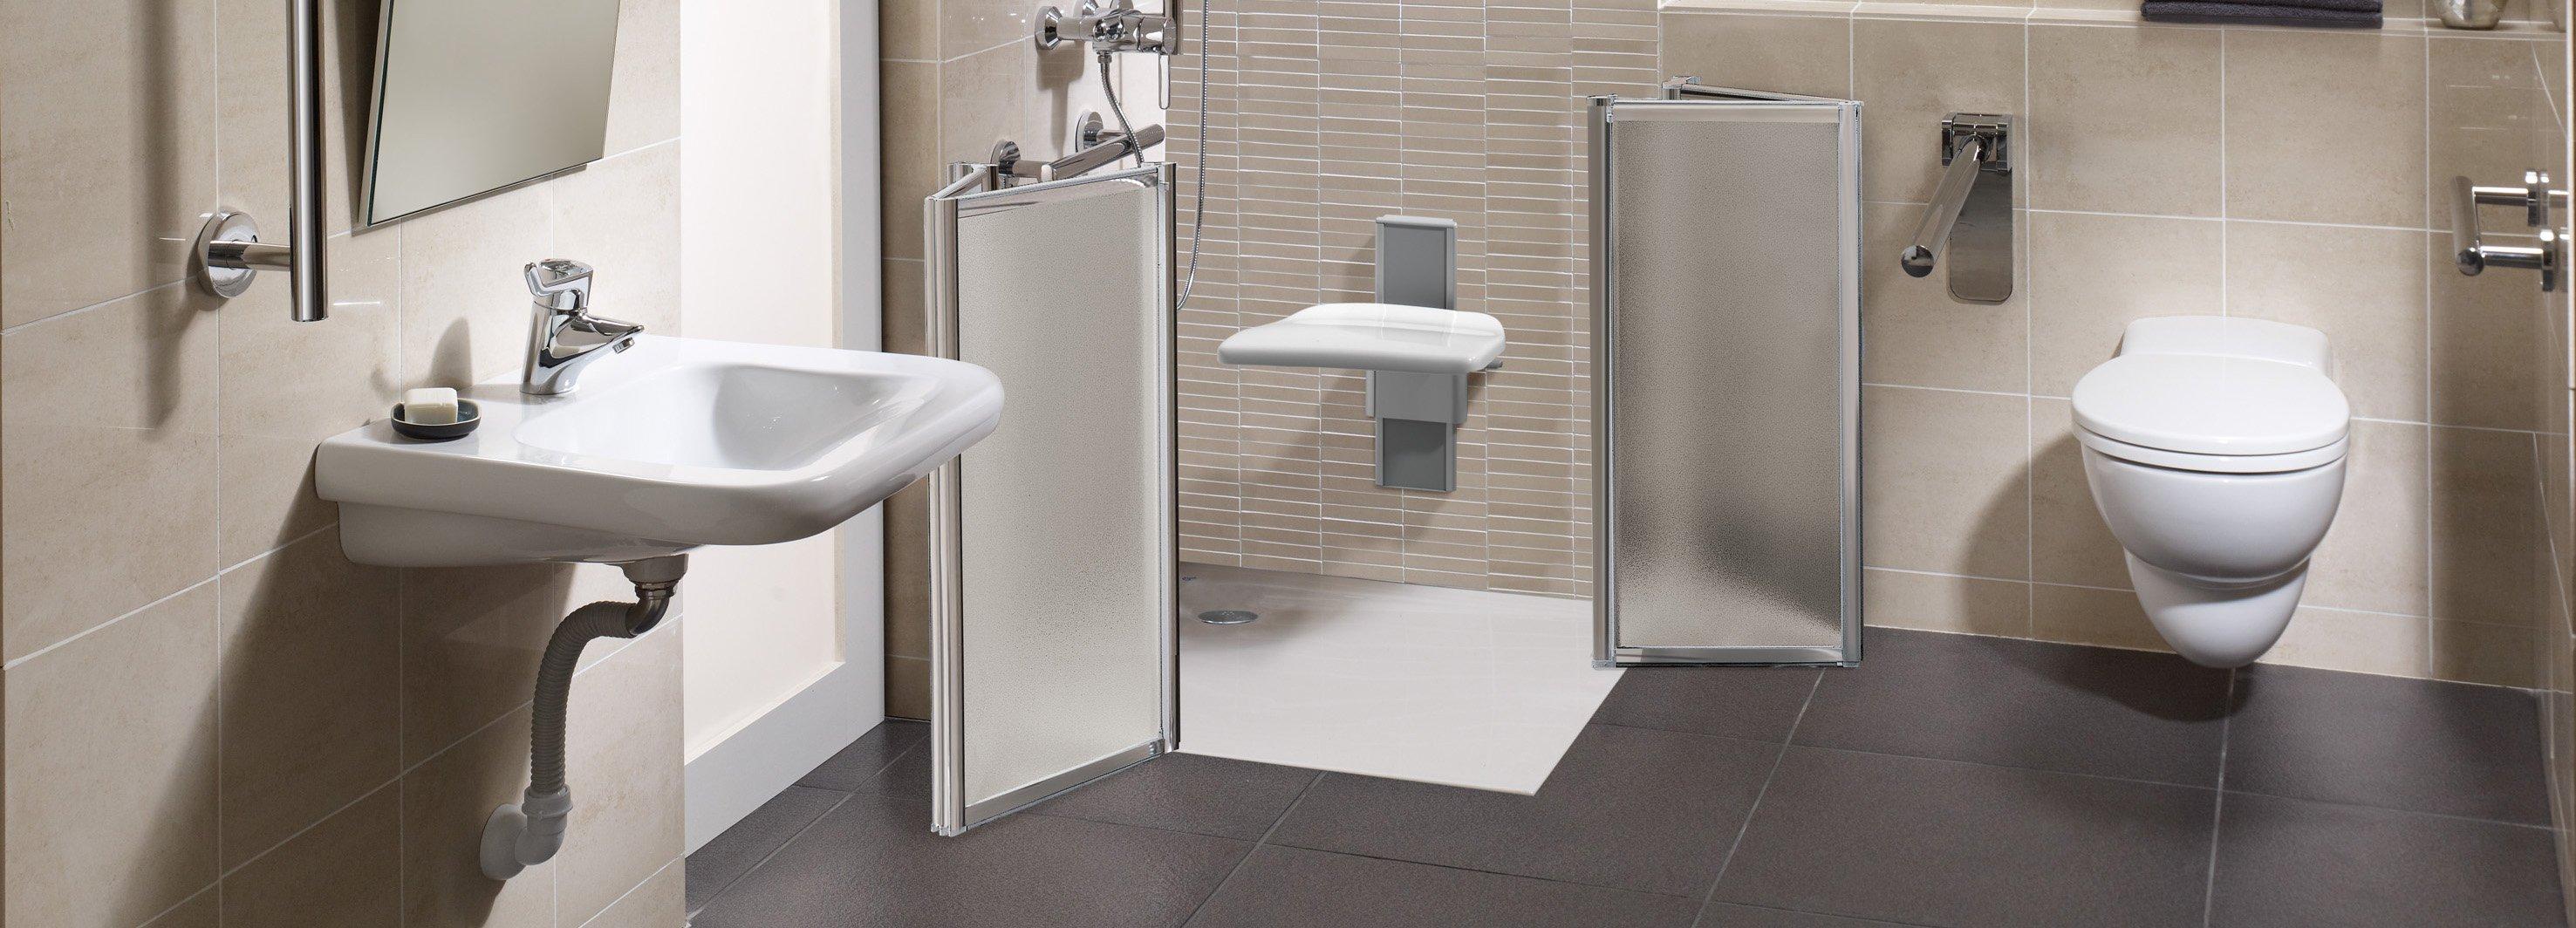 Un bagno pi comodo anche per anziani e disabili cose - Idee per rivestire un bagno ...